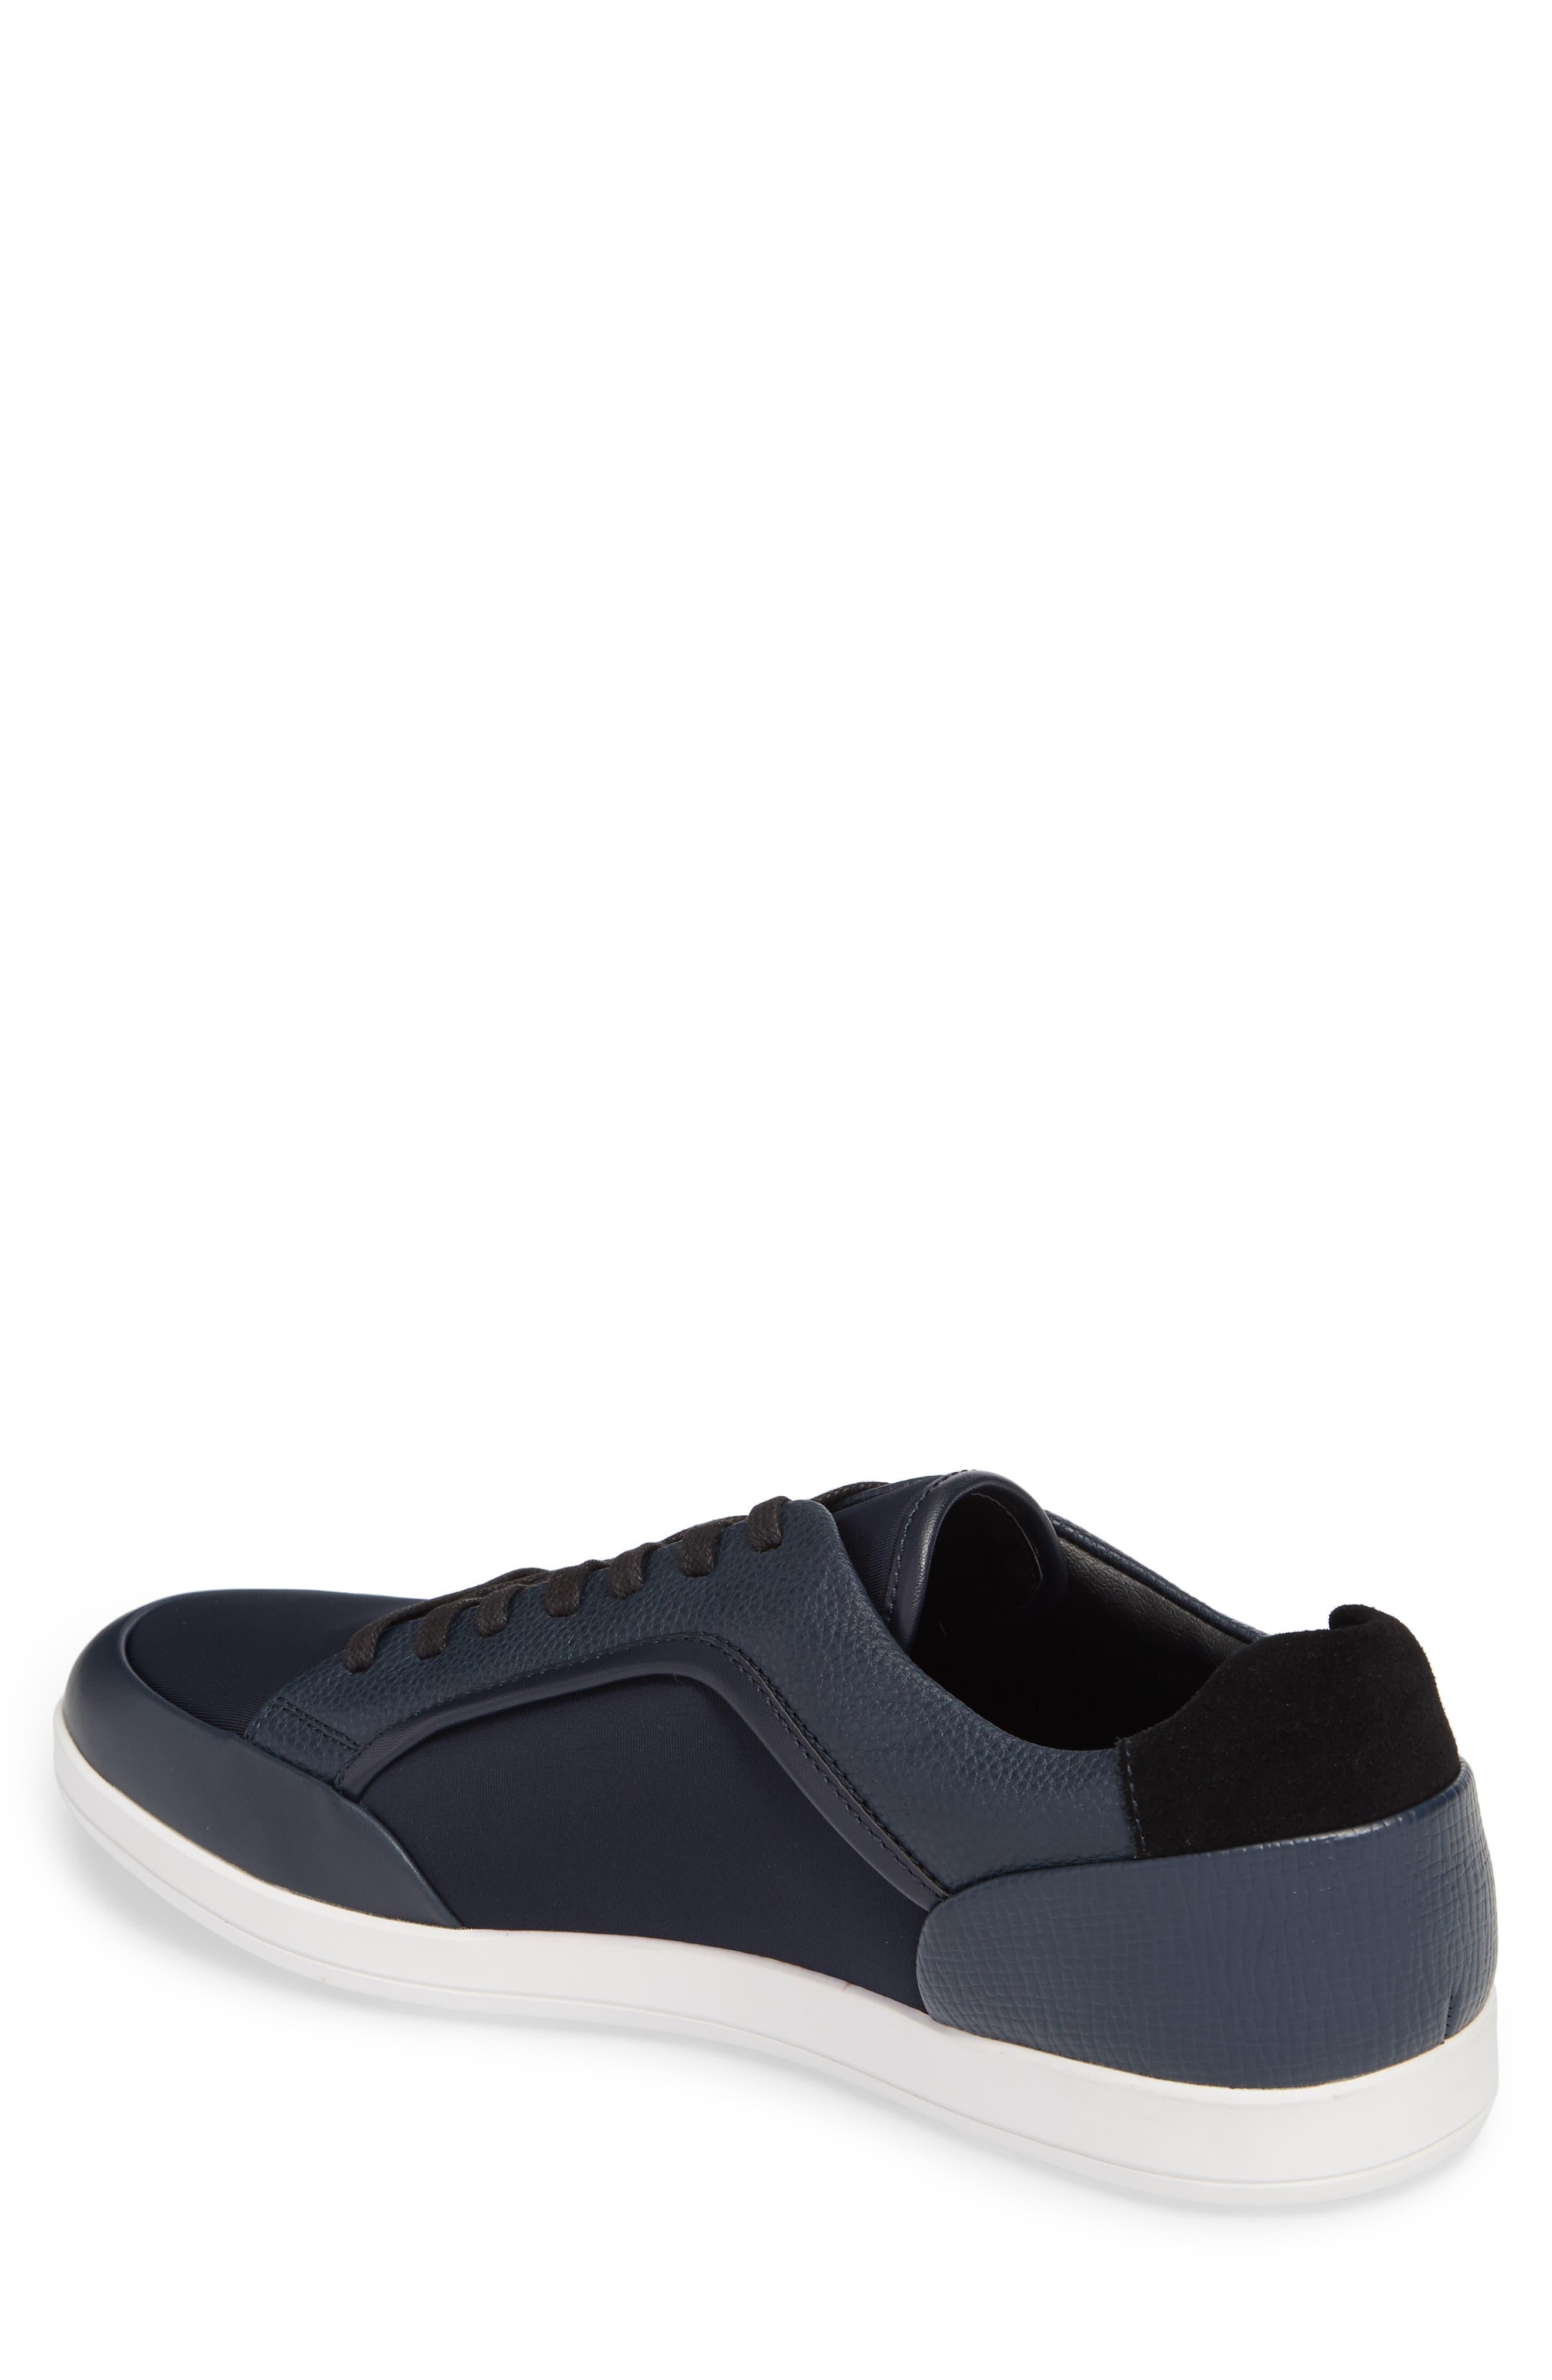 Alternate Image 2  - Calvin Klein Masen Sneaker (Men)